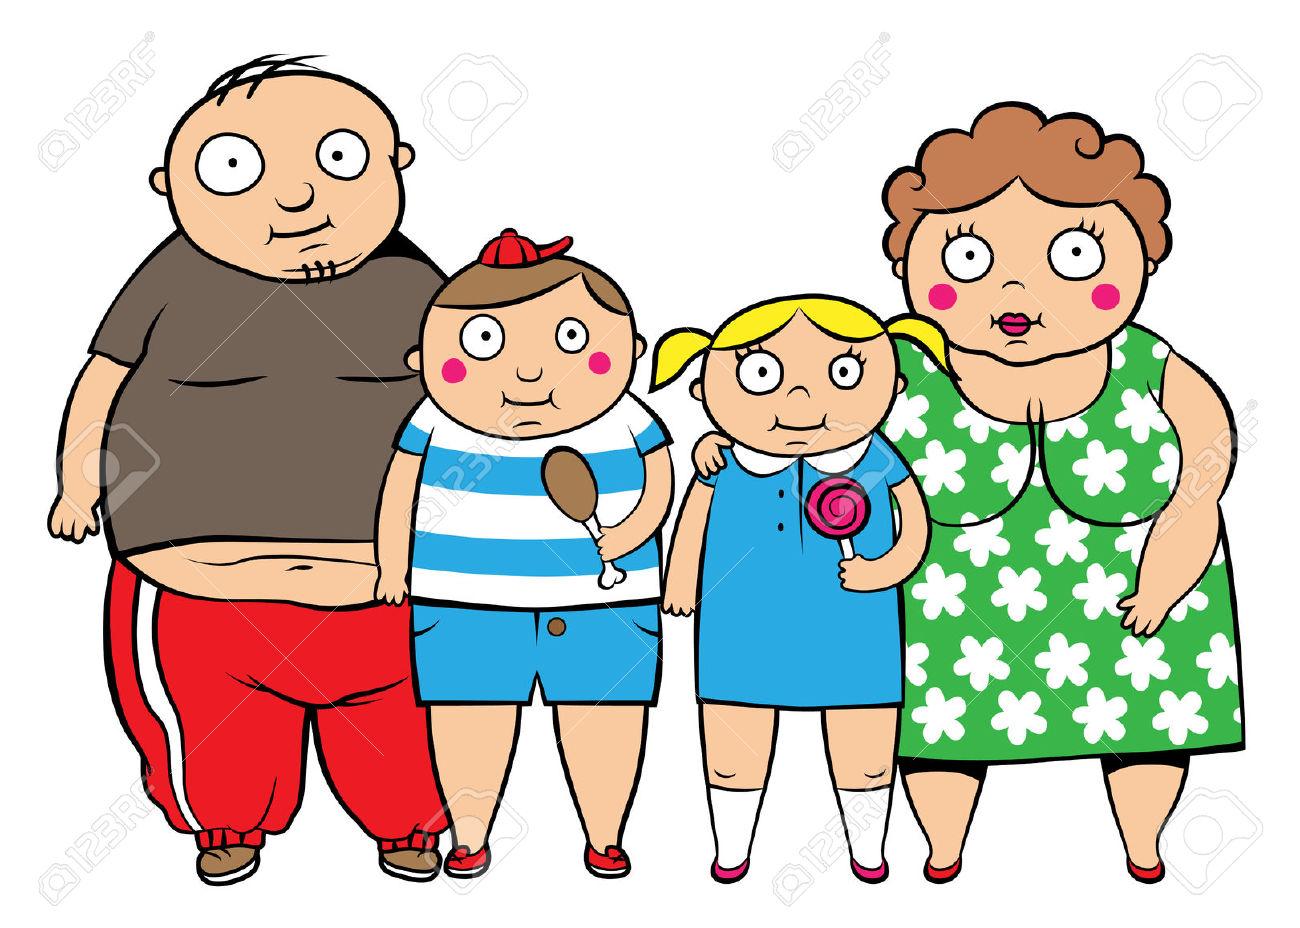 Familie beim essen clipart svg library download Gesunde ernährung bei kindern clipart - ClipartFest svg library download